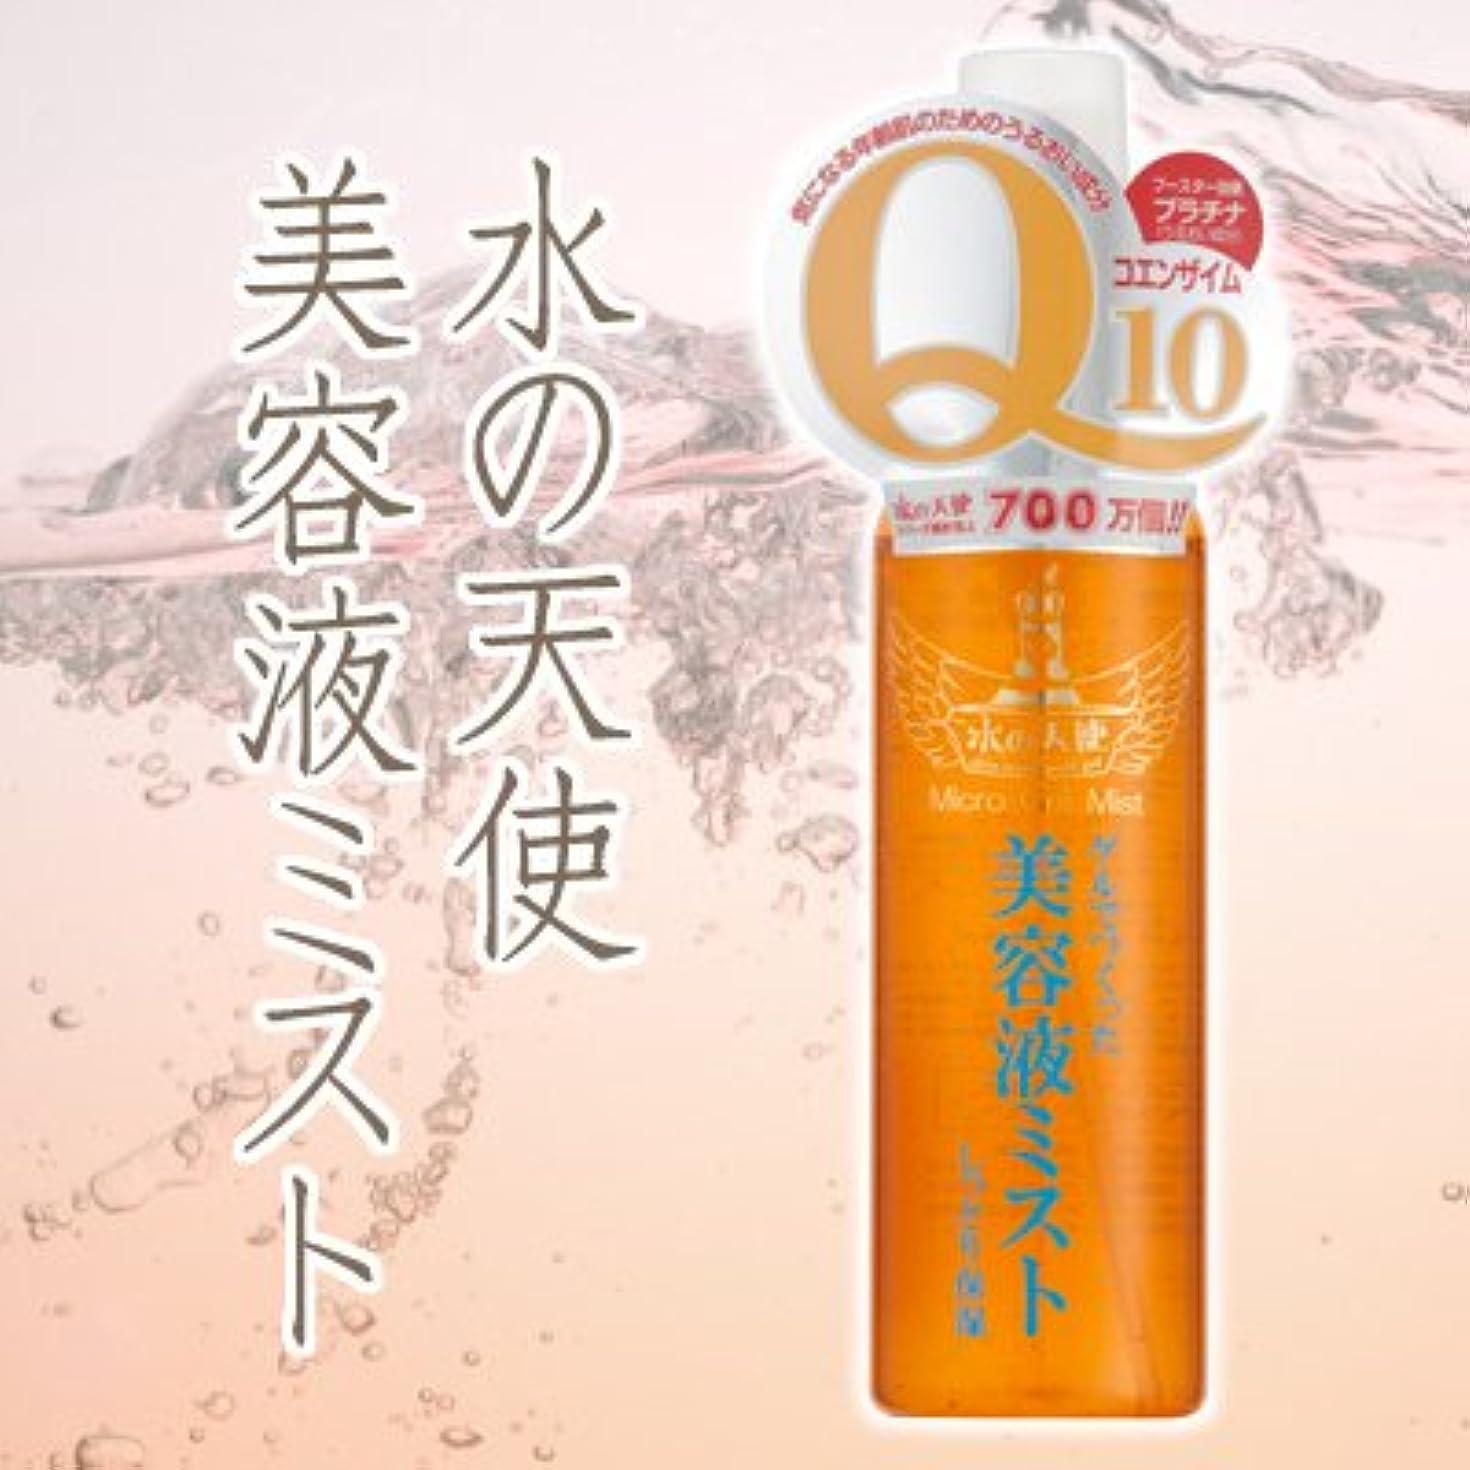 印象的な北米ビート水の天使美容液ミスト 120ml 3個セット ※あの「水の天使」シリーズから美容液ミストが新登場!